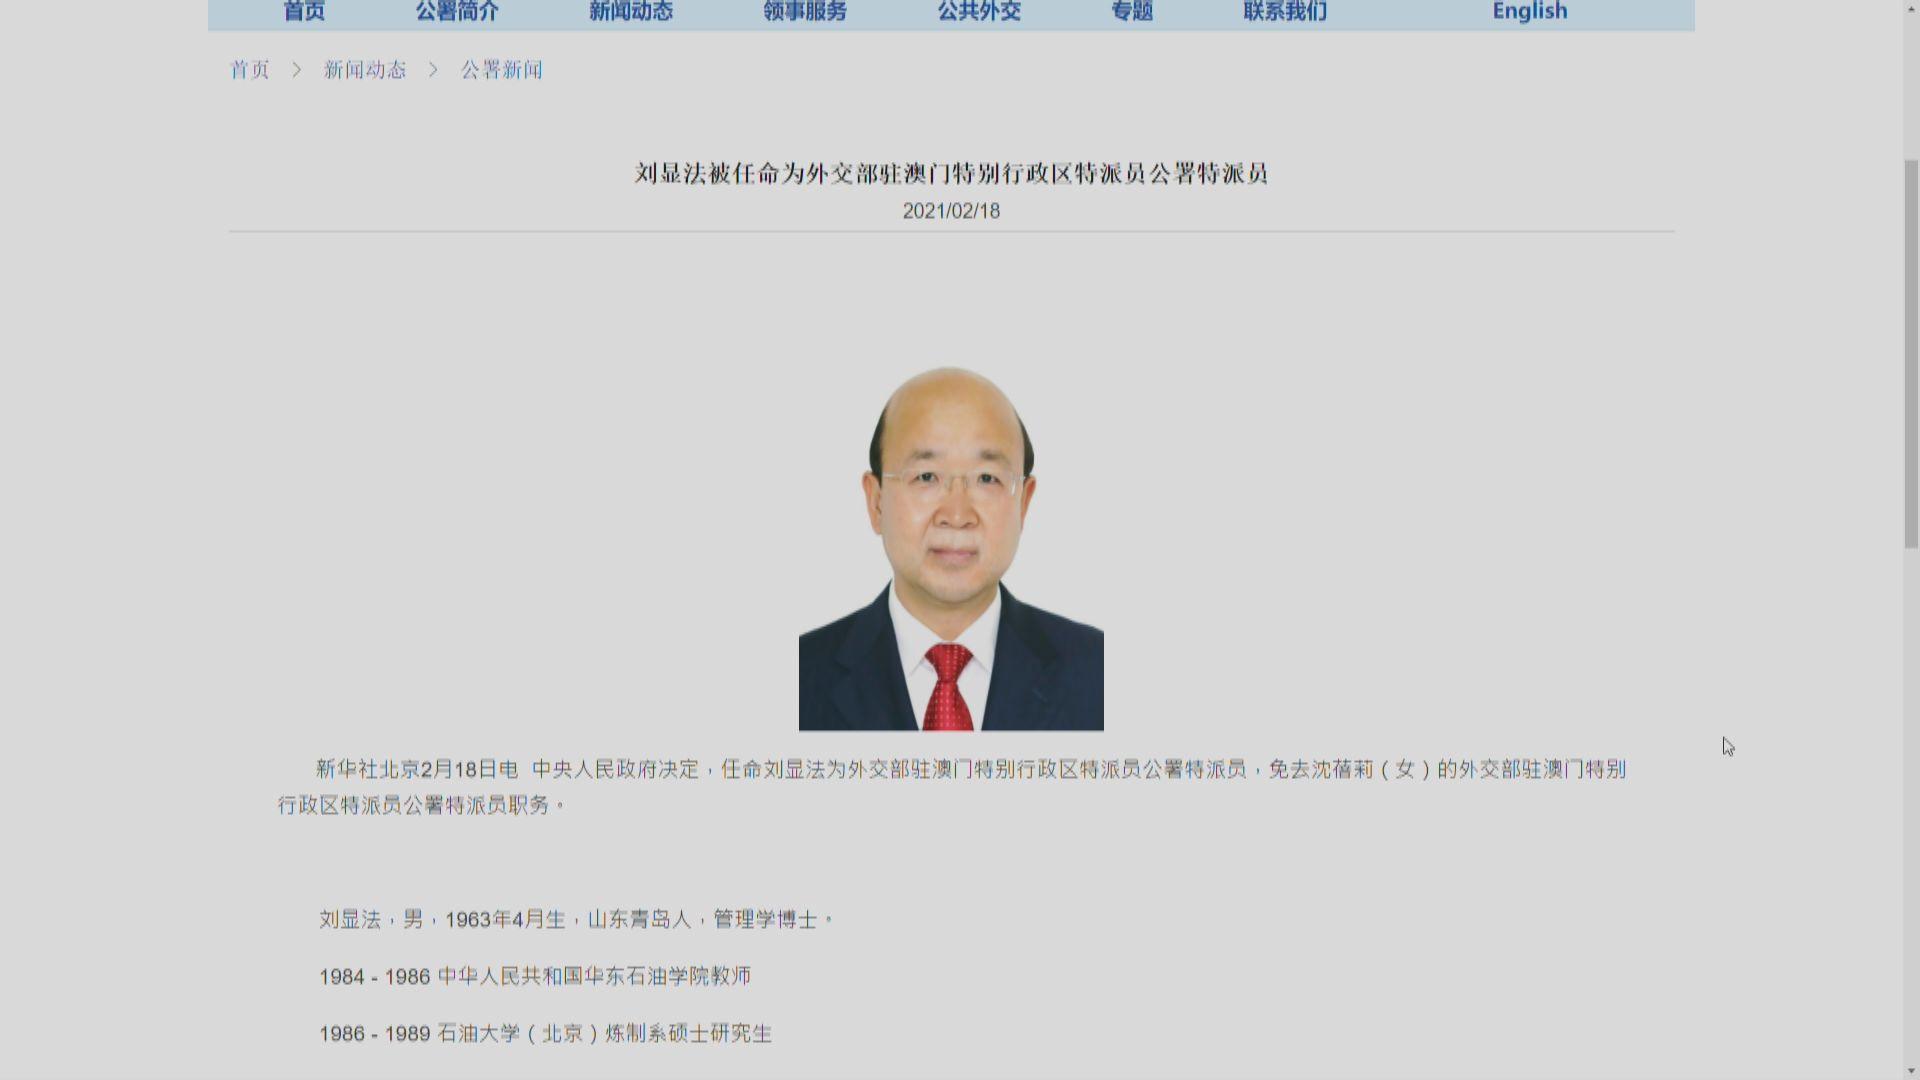 劉顯法獲任命為外交部駐澳門特派員公署特派員